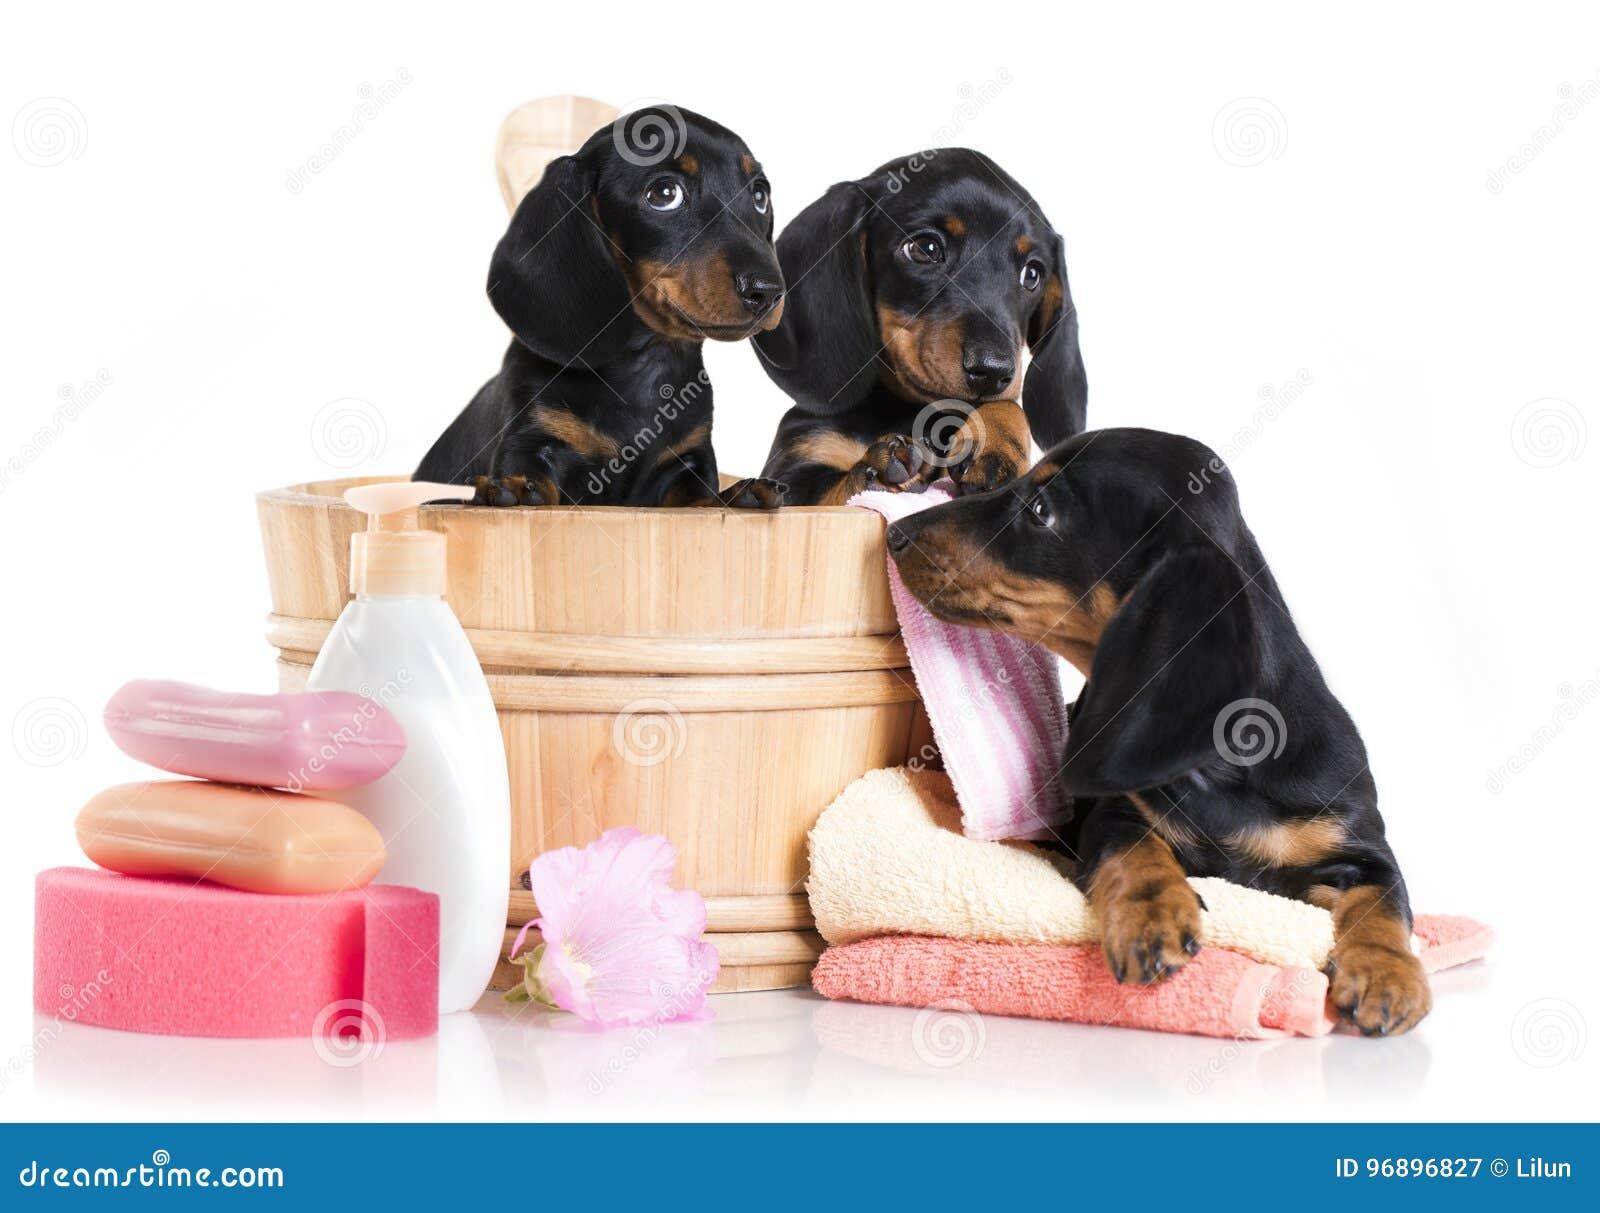 De tijd van het puppybad - Tekkelhond